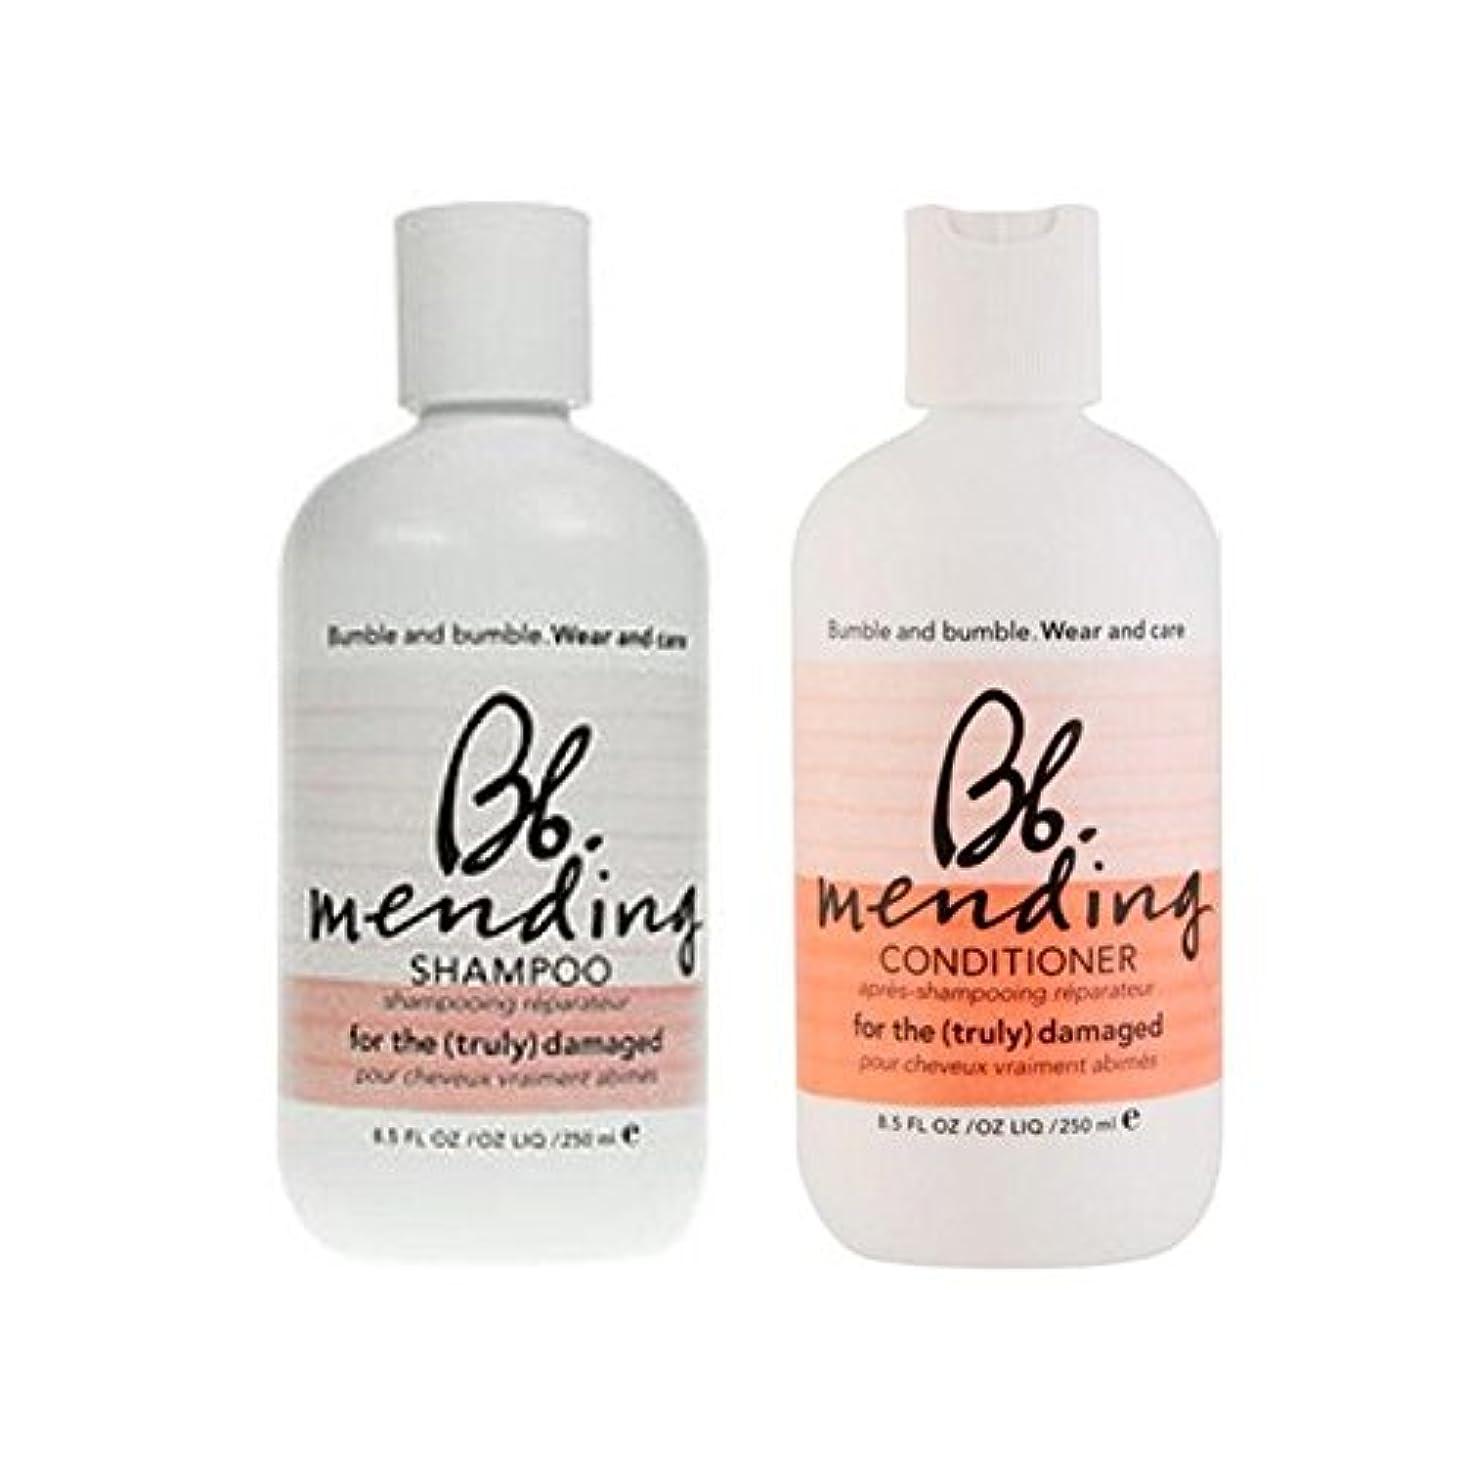 正しくブリーフケース必要Bb Wear And Care Mending Duo- Shampoo And Conditioner (Pack of 6) - 着用し、-シャンプーとコンディショナーを補修ケア x6 [並行輸入品]